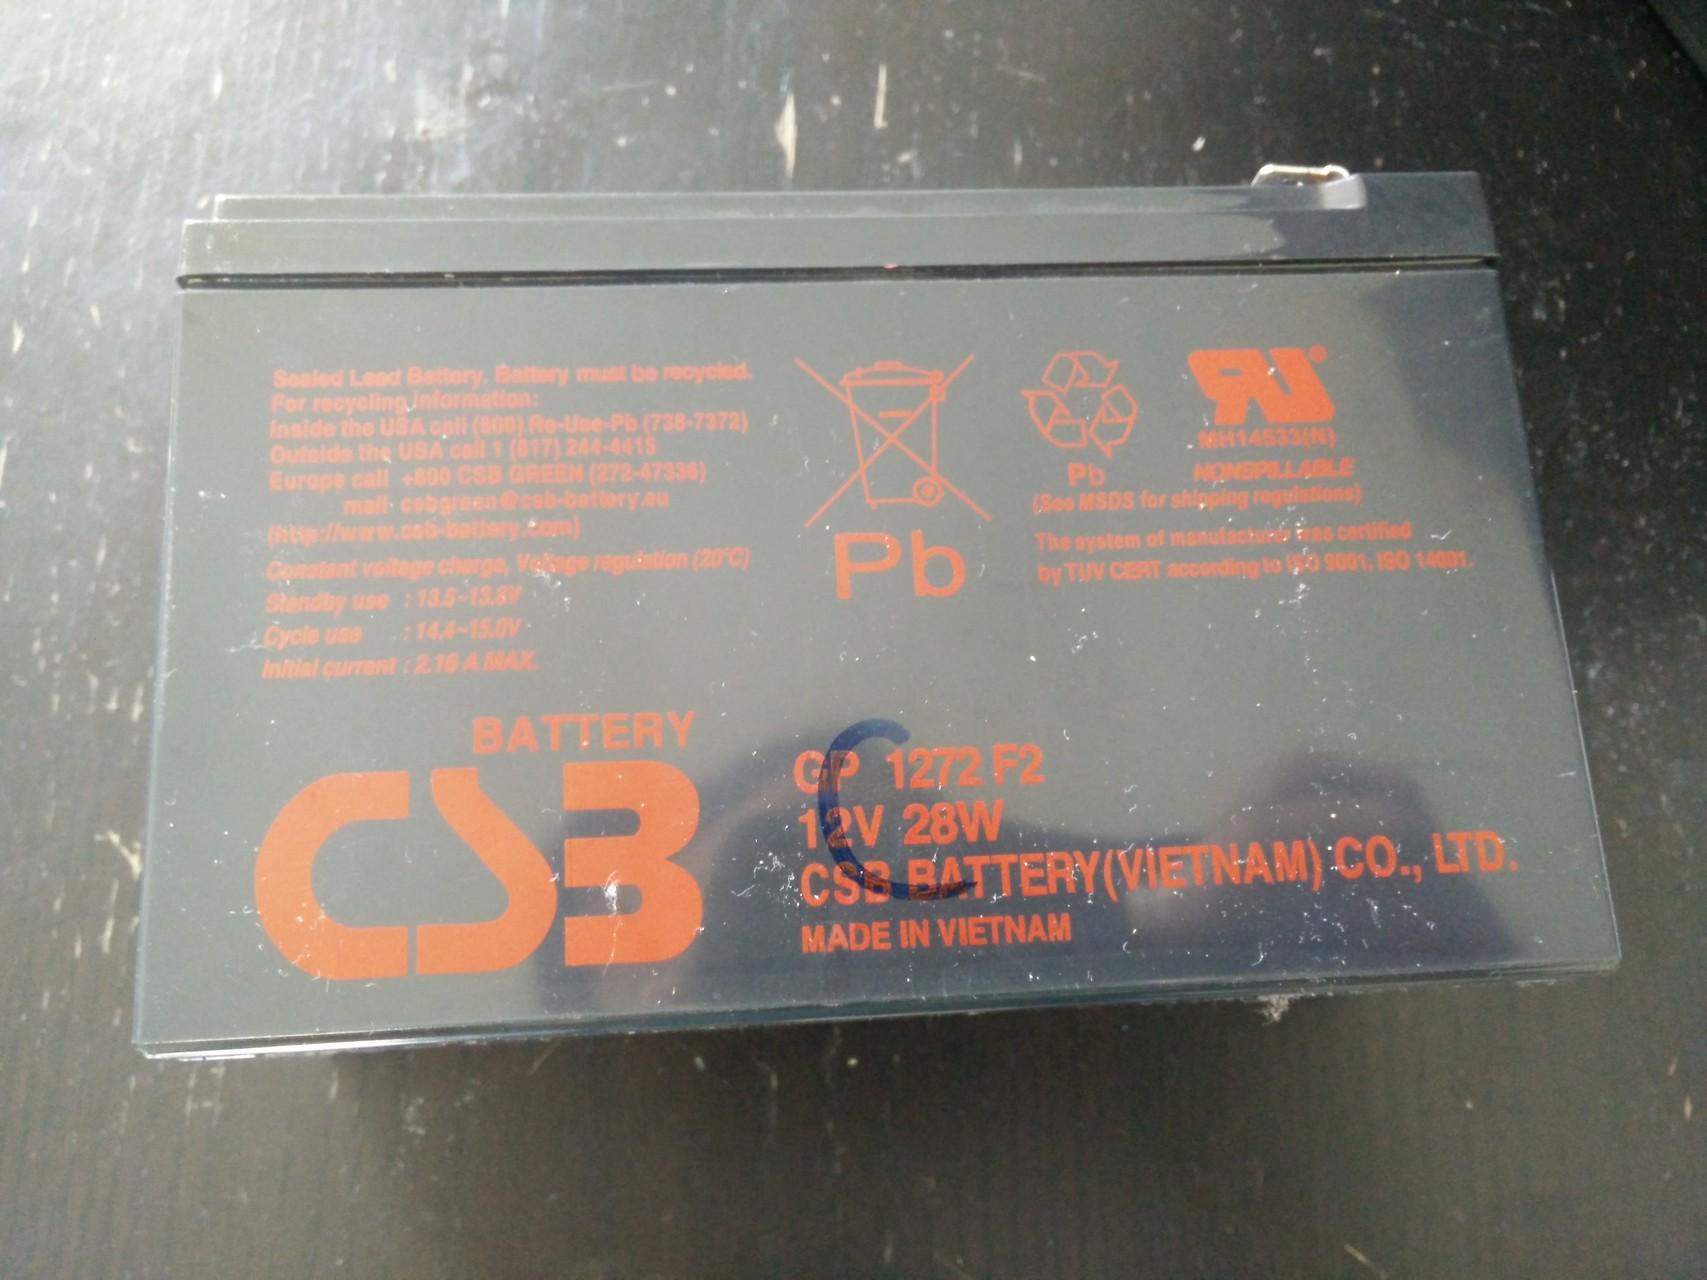 La batterie en fin de vie, référence GP1272 F2